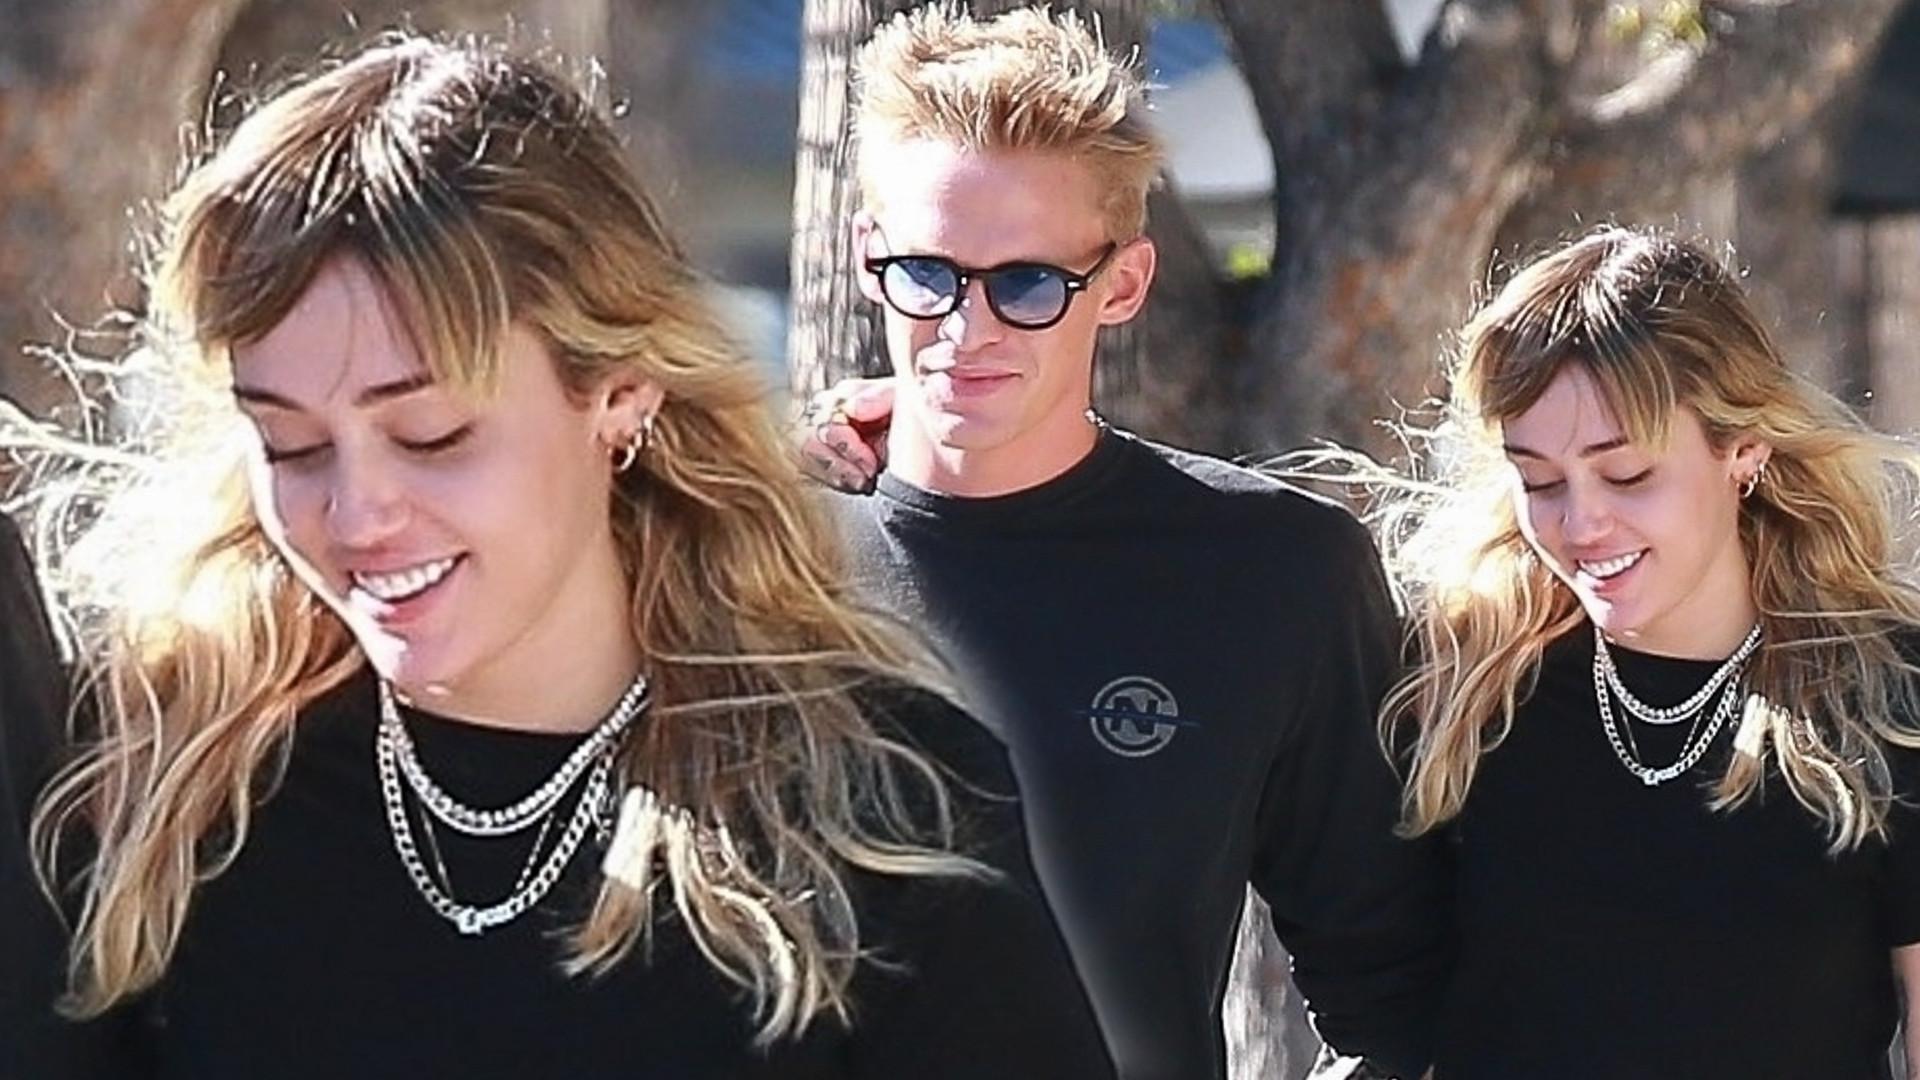 Te BOTKI zrobiły całą stylizację Miley Cyrus (ZDJĘCIA)